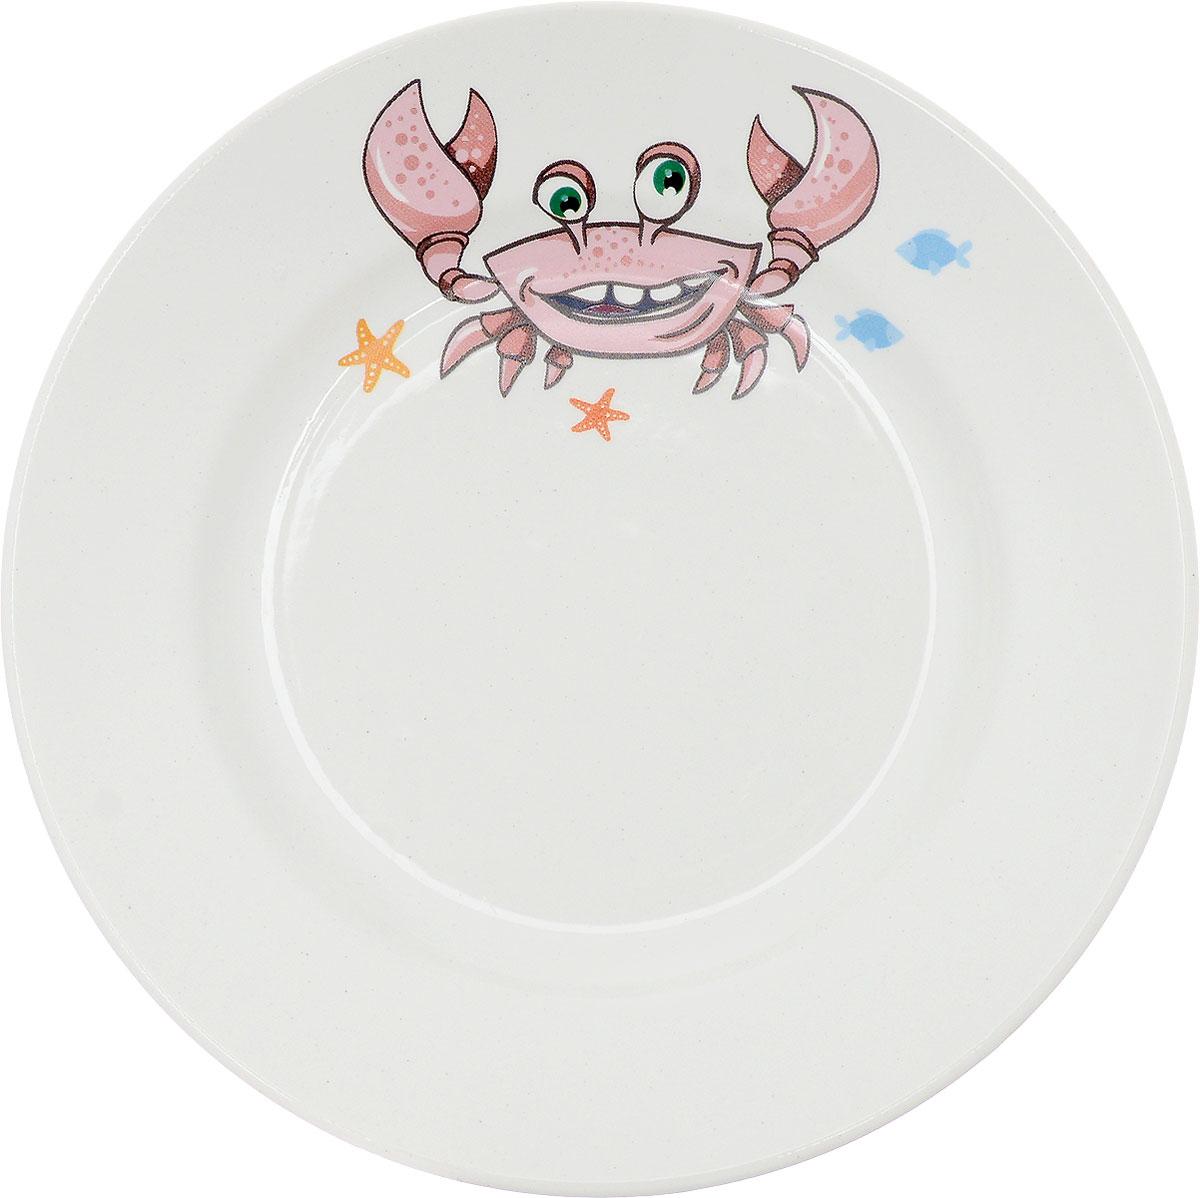 Кубаньфарфор Тарелка детская Море Краб1494980_крабФаянсовая детская посуда с забавным рисунком понравится каждому малышу. Изделие из качественного материала станет правильным выбором для повседневной эксплуатации и поможет превратить каждый прием пищи в радостное приключение.Особенности:- простота мойки,- стойкость к запахам,- насыщенный цвет.Уважаемые клиенты!Обращаем ваше внимание на ассортимент рисунков на тарелке. Поставка осуществляется в зависимости от наличия на складе.